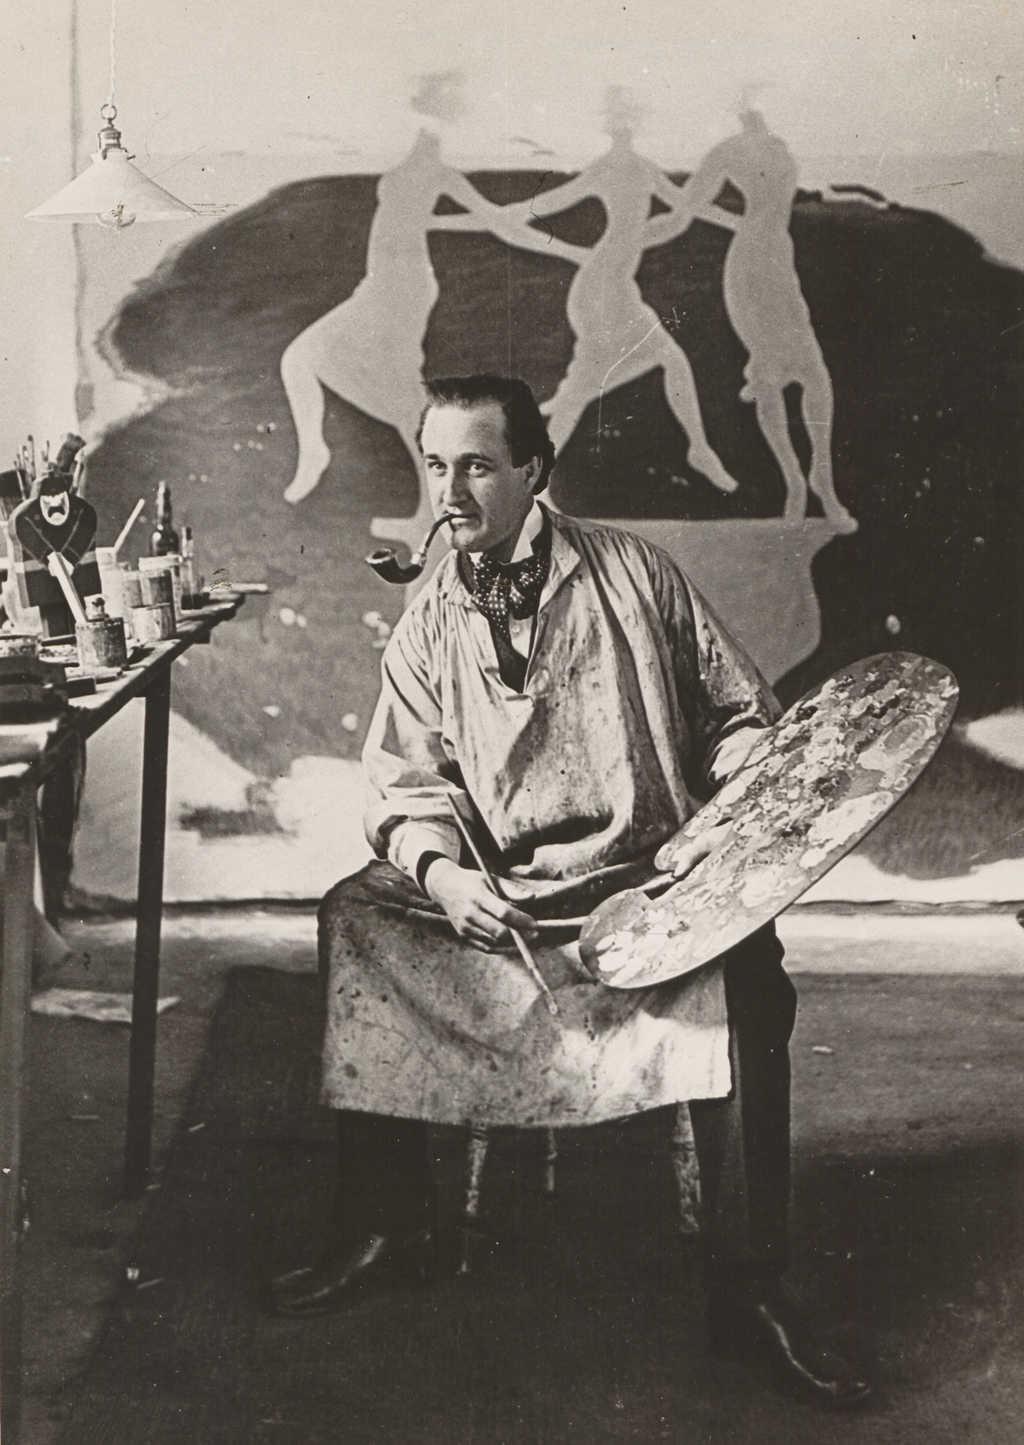 Foto af Stom P. med et Matisse-lignende billede i baggrunden.